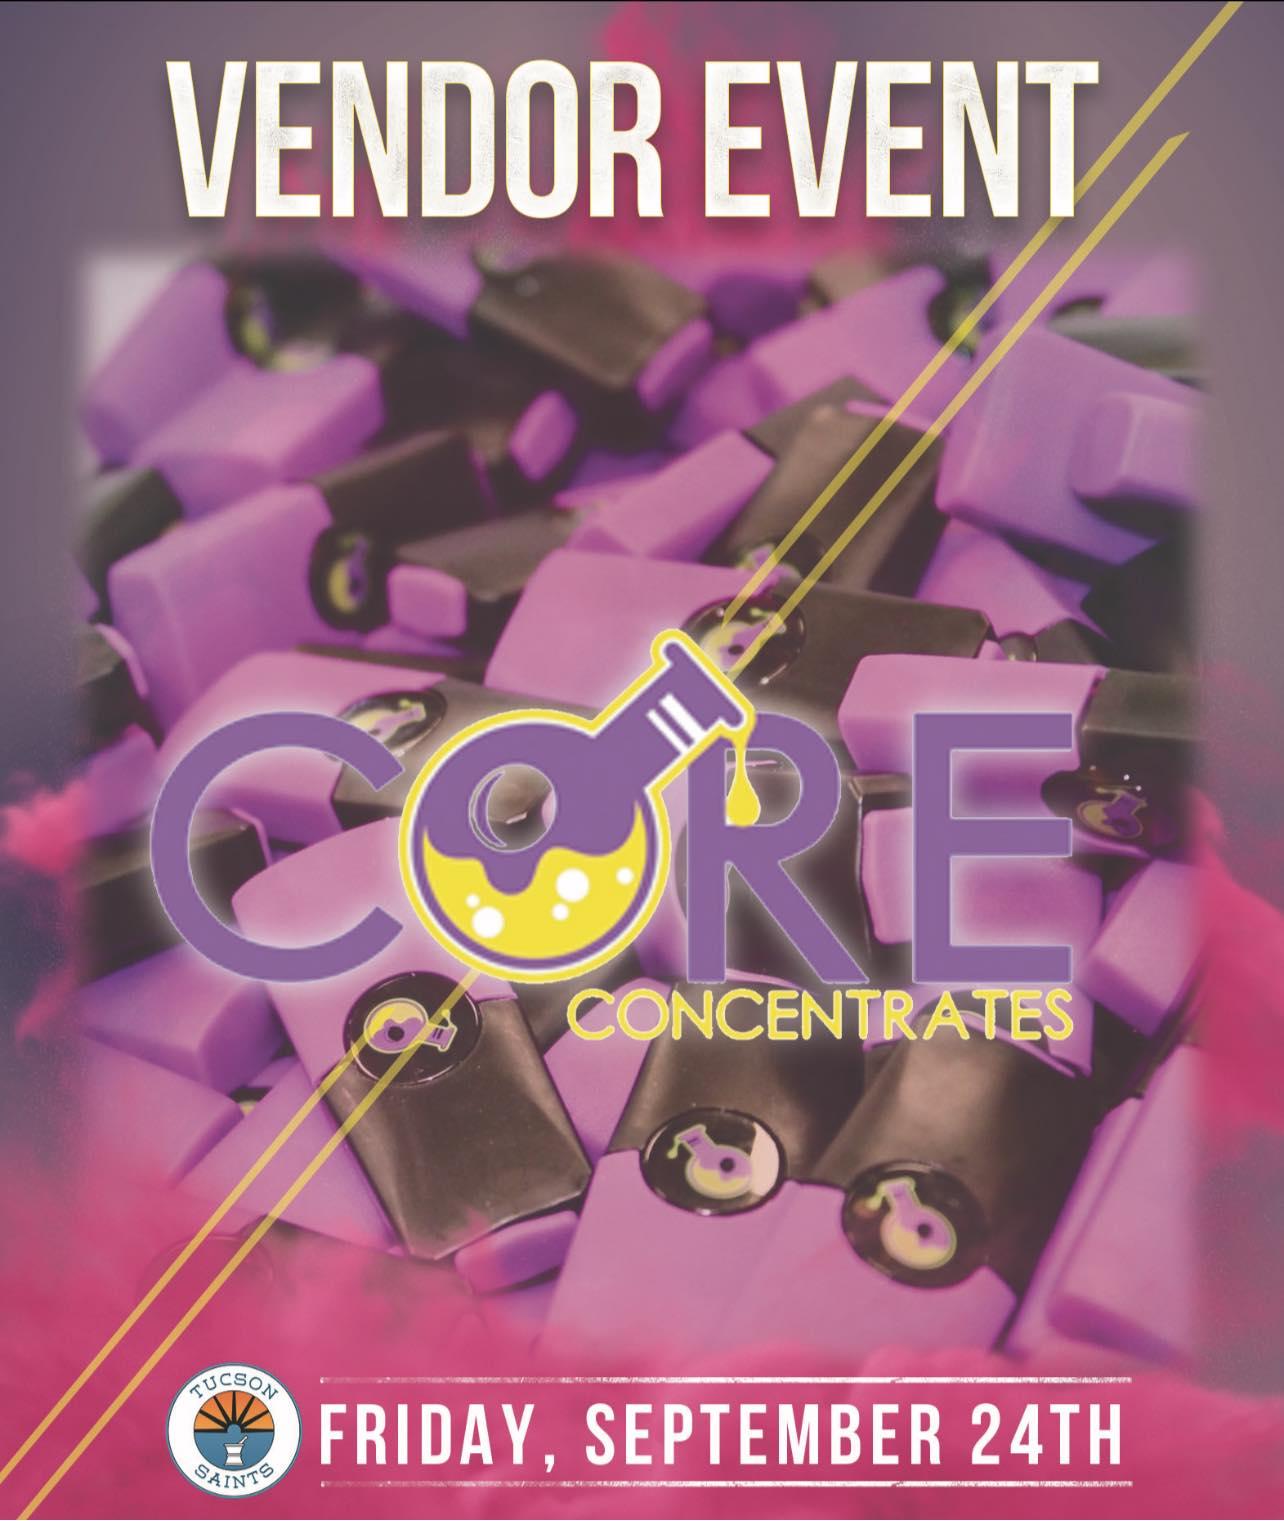 CORE pods vendor event Friday Sept 24 2021